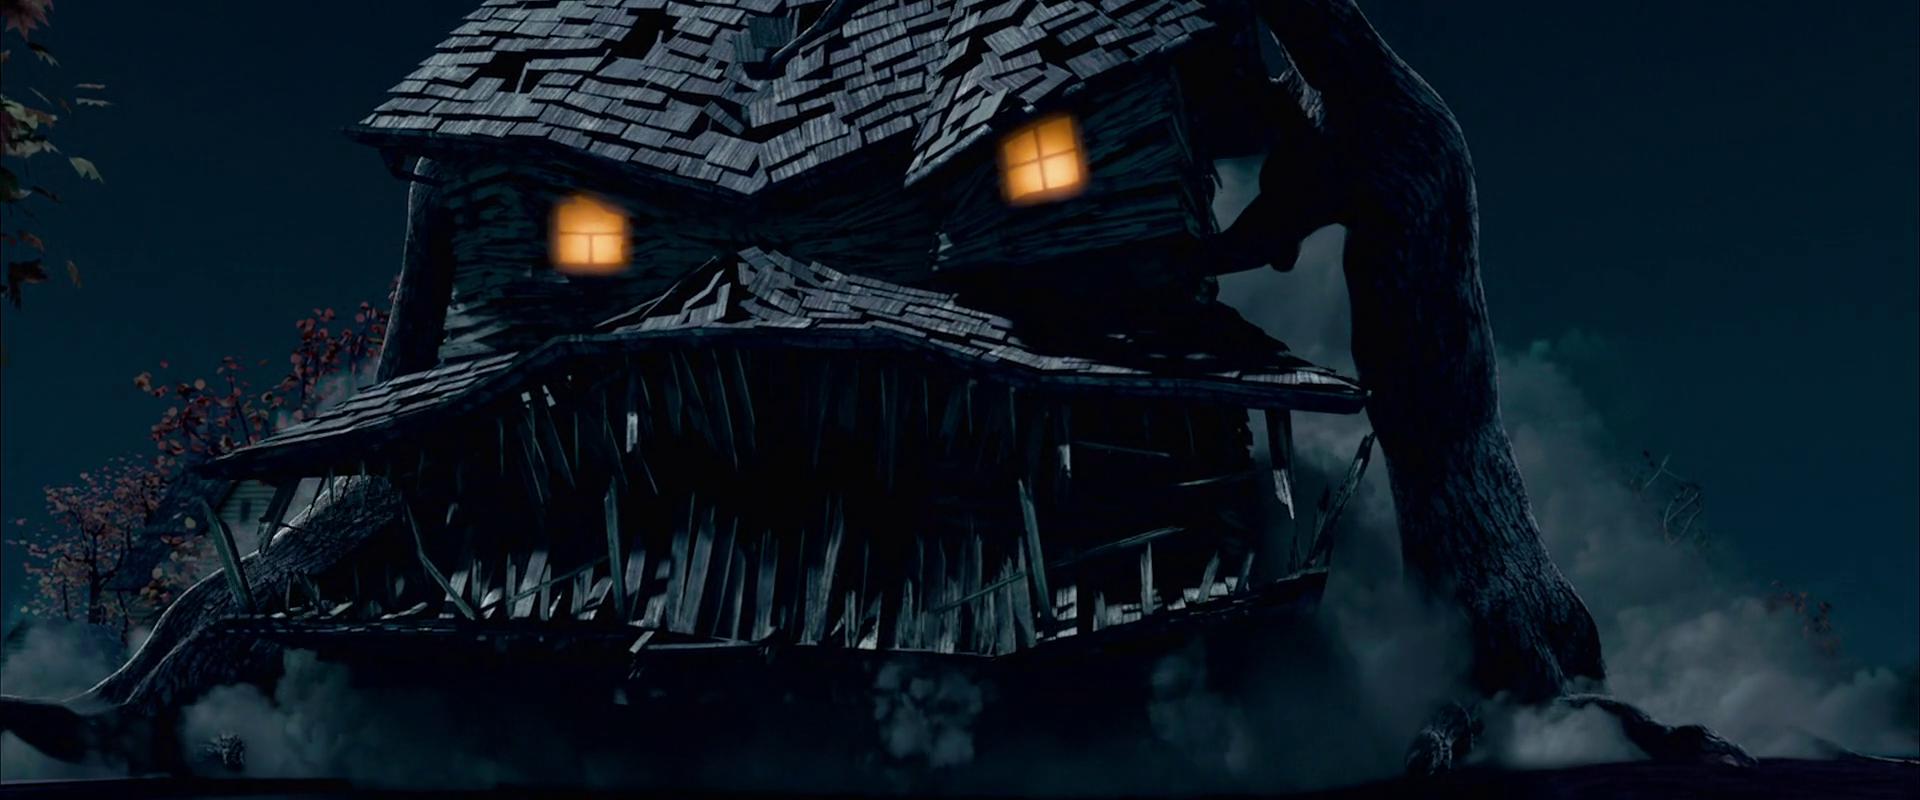 Las 5 películas de animación para este Halloween